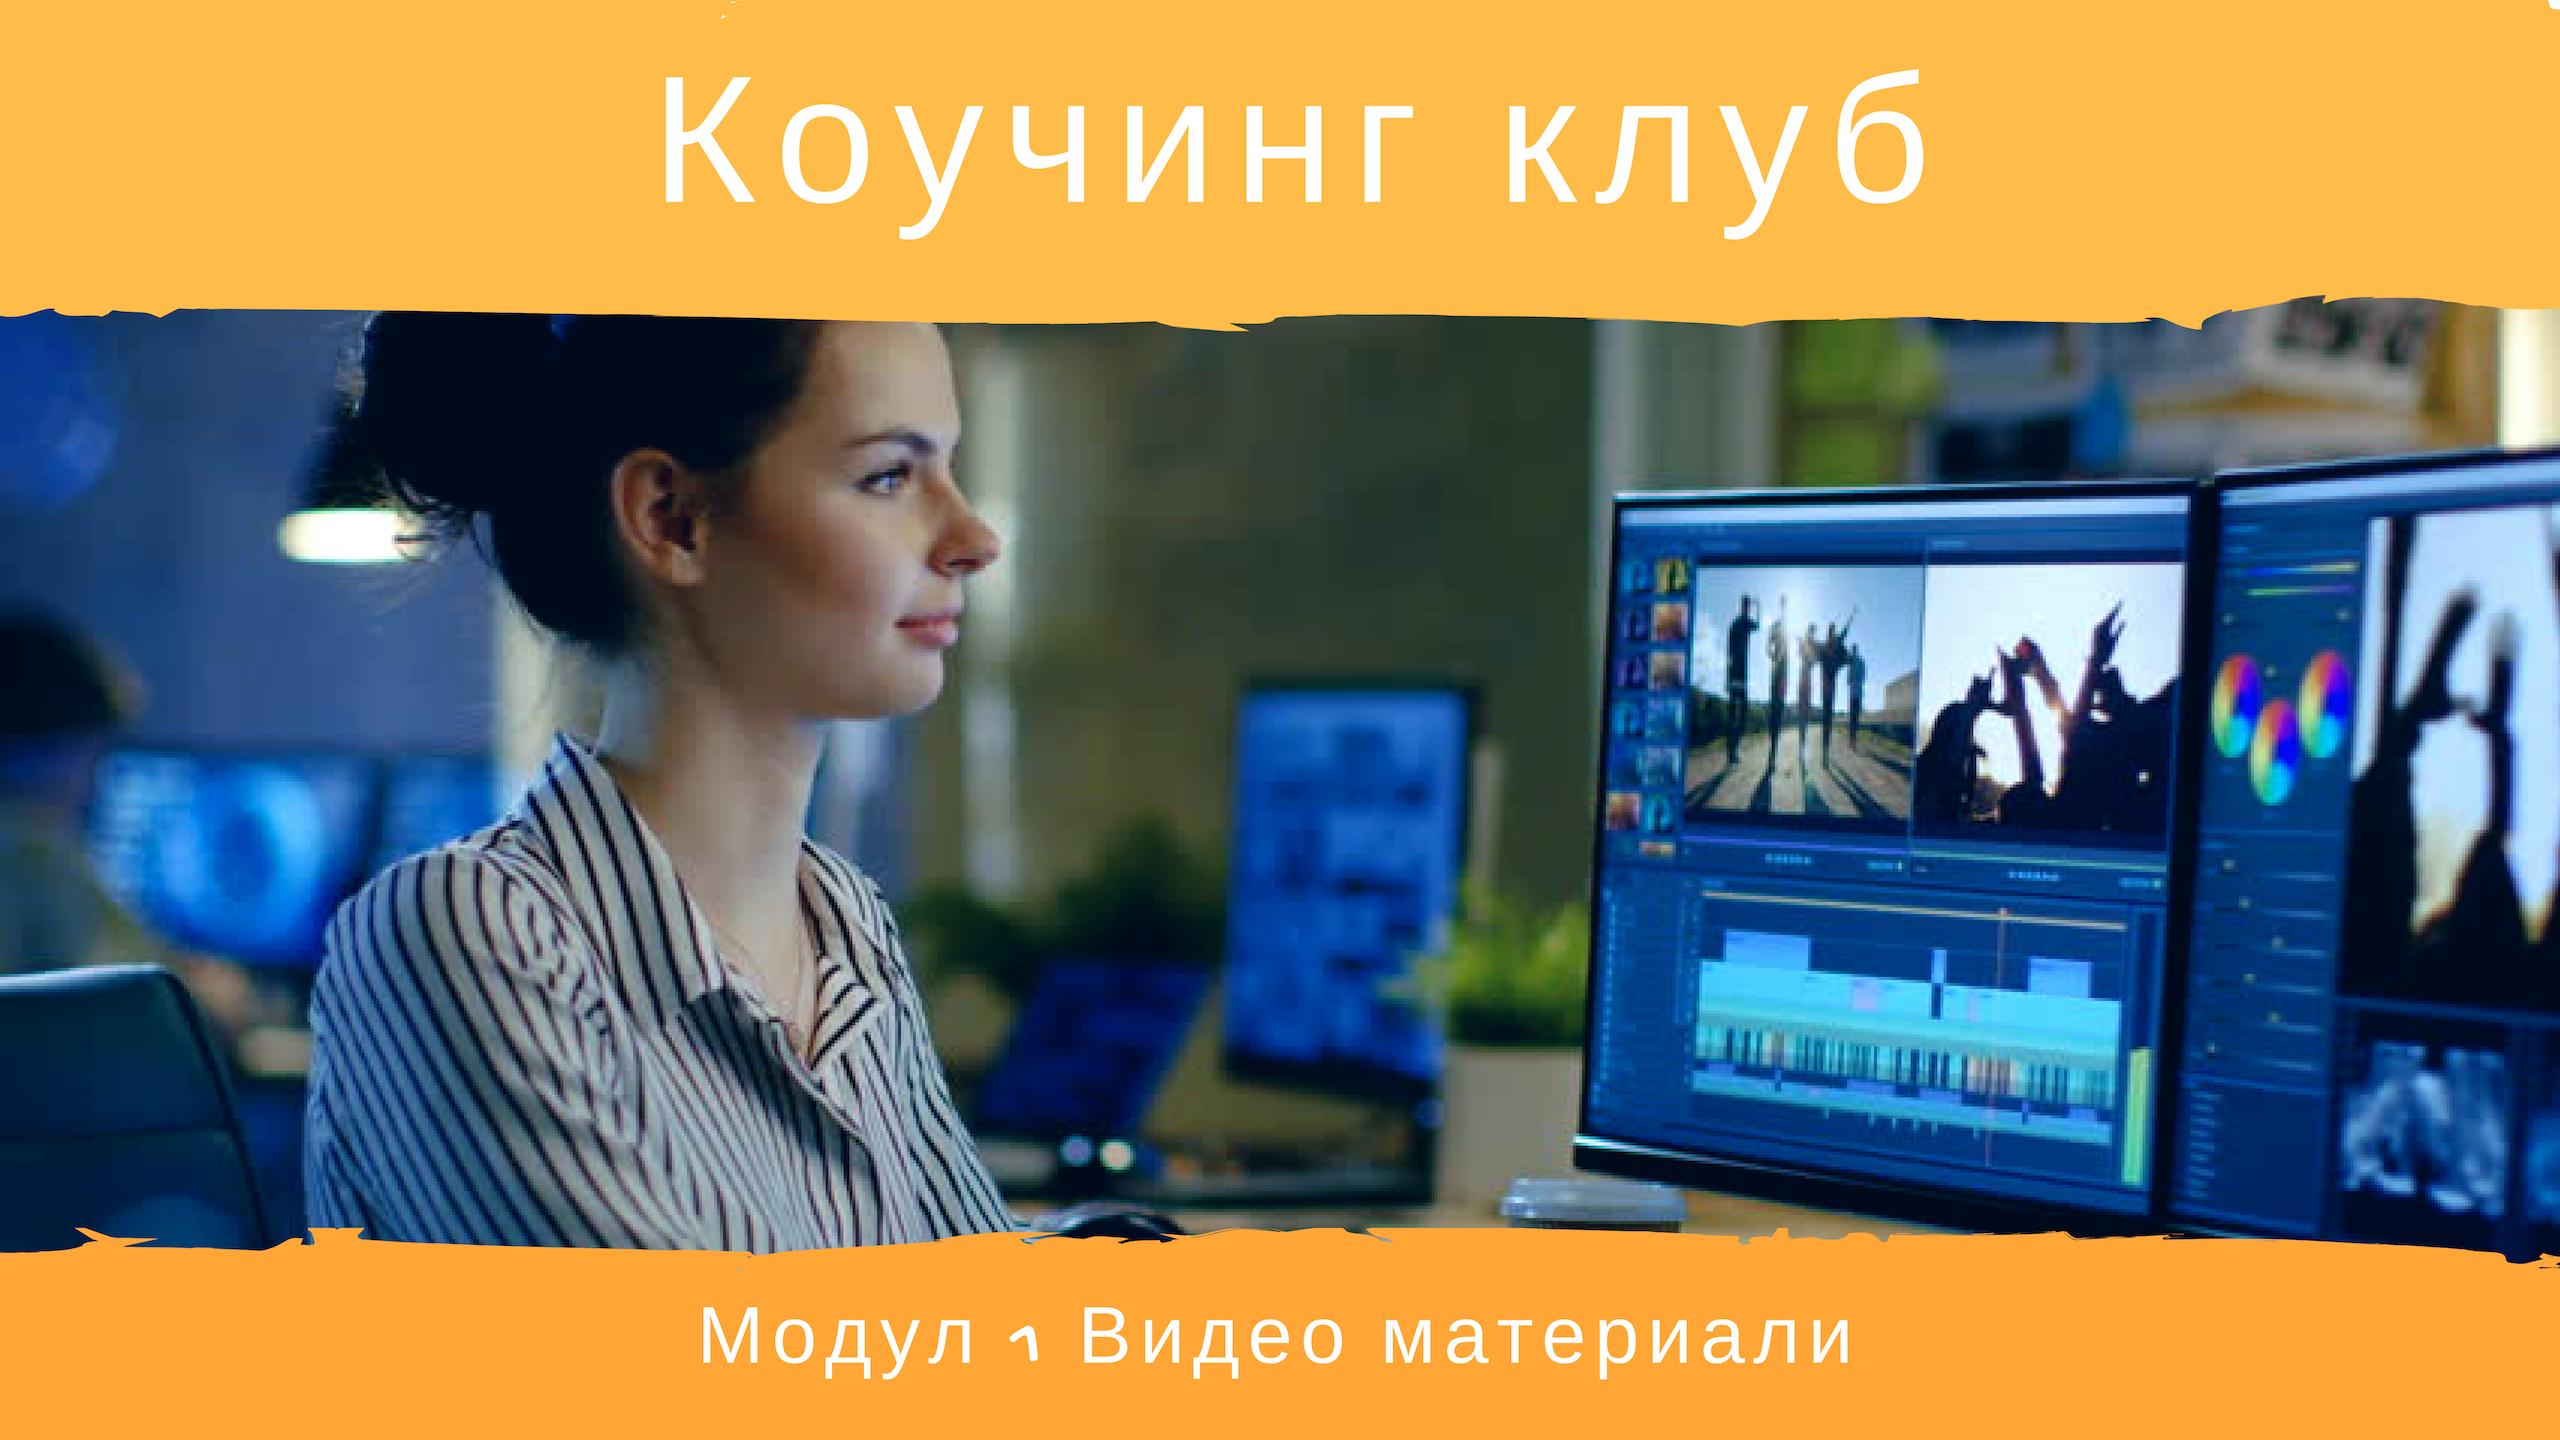 modu1 video